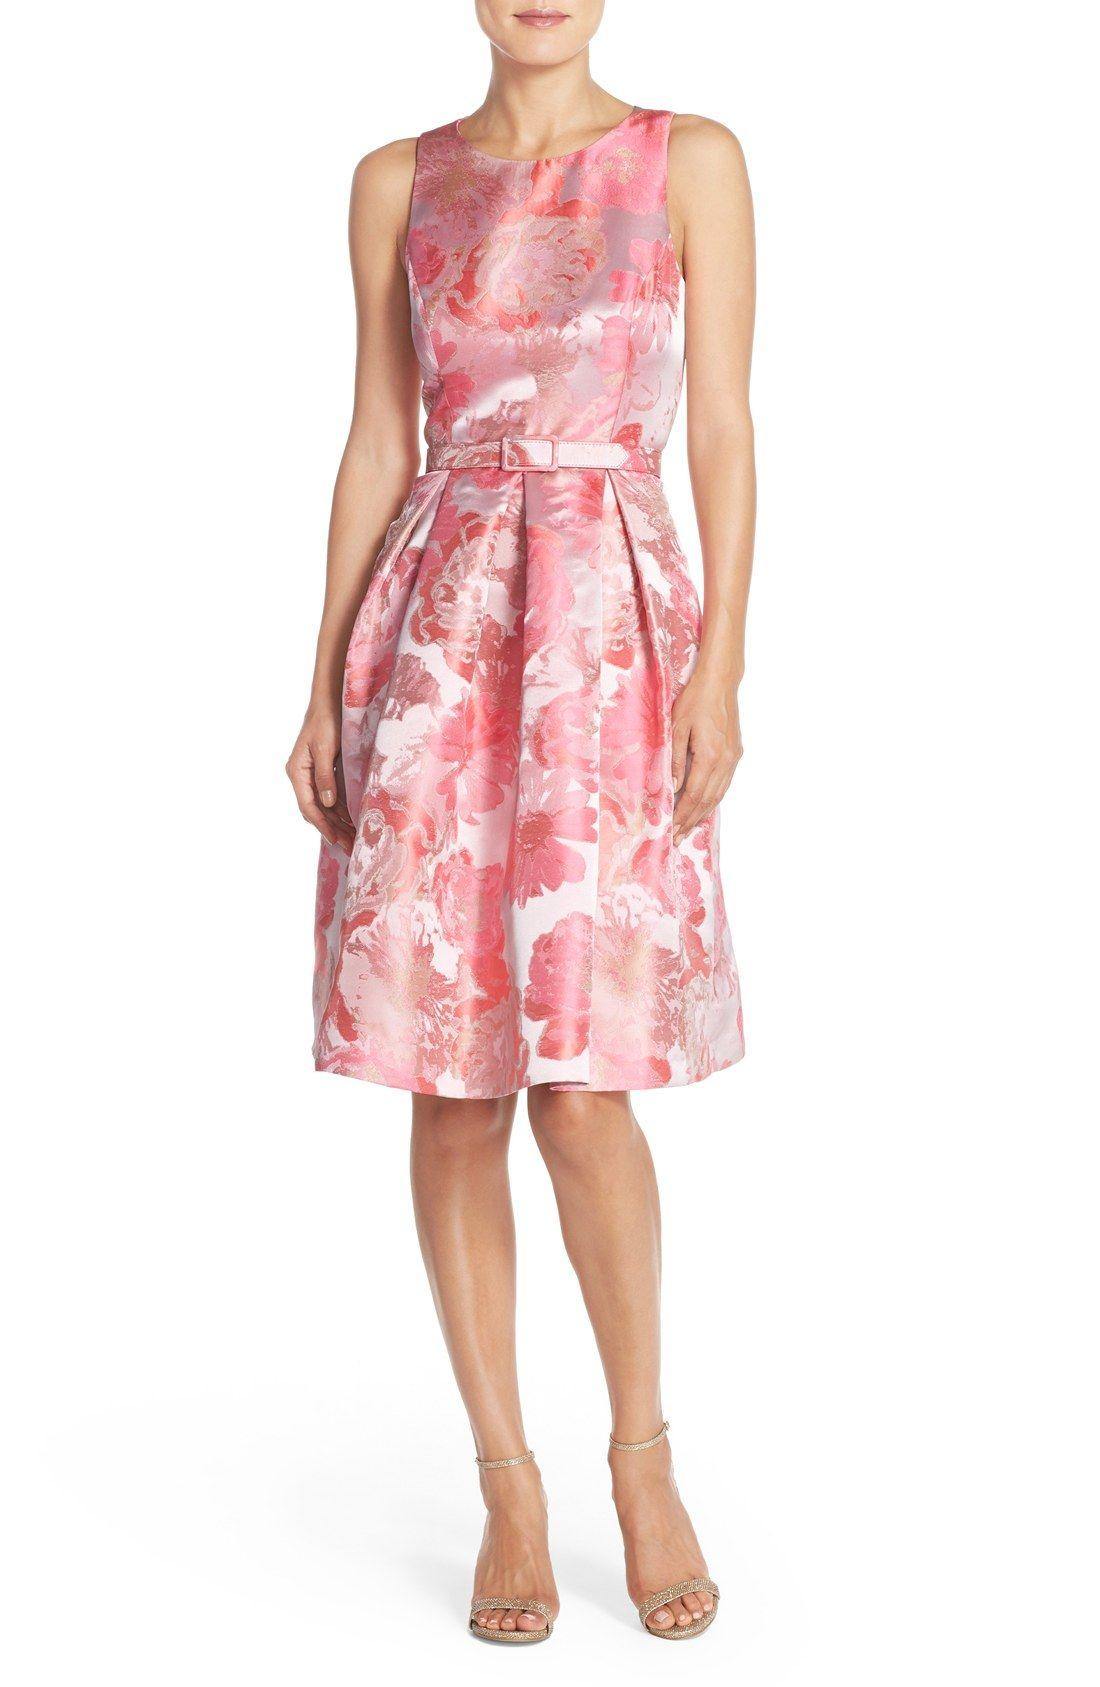 d3ec1d96 Eliza J Floral Metallic Jacquard Fit & Flare Dress | My Wish List in ...